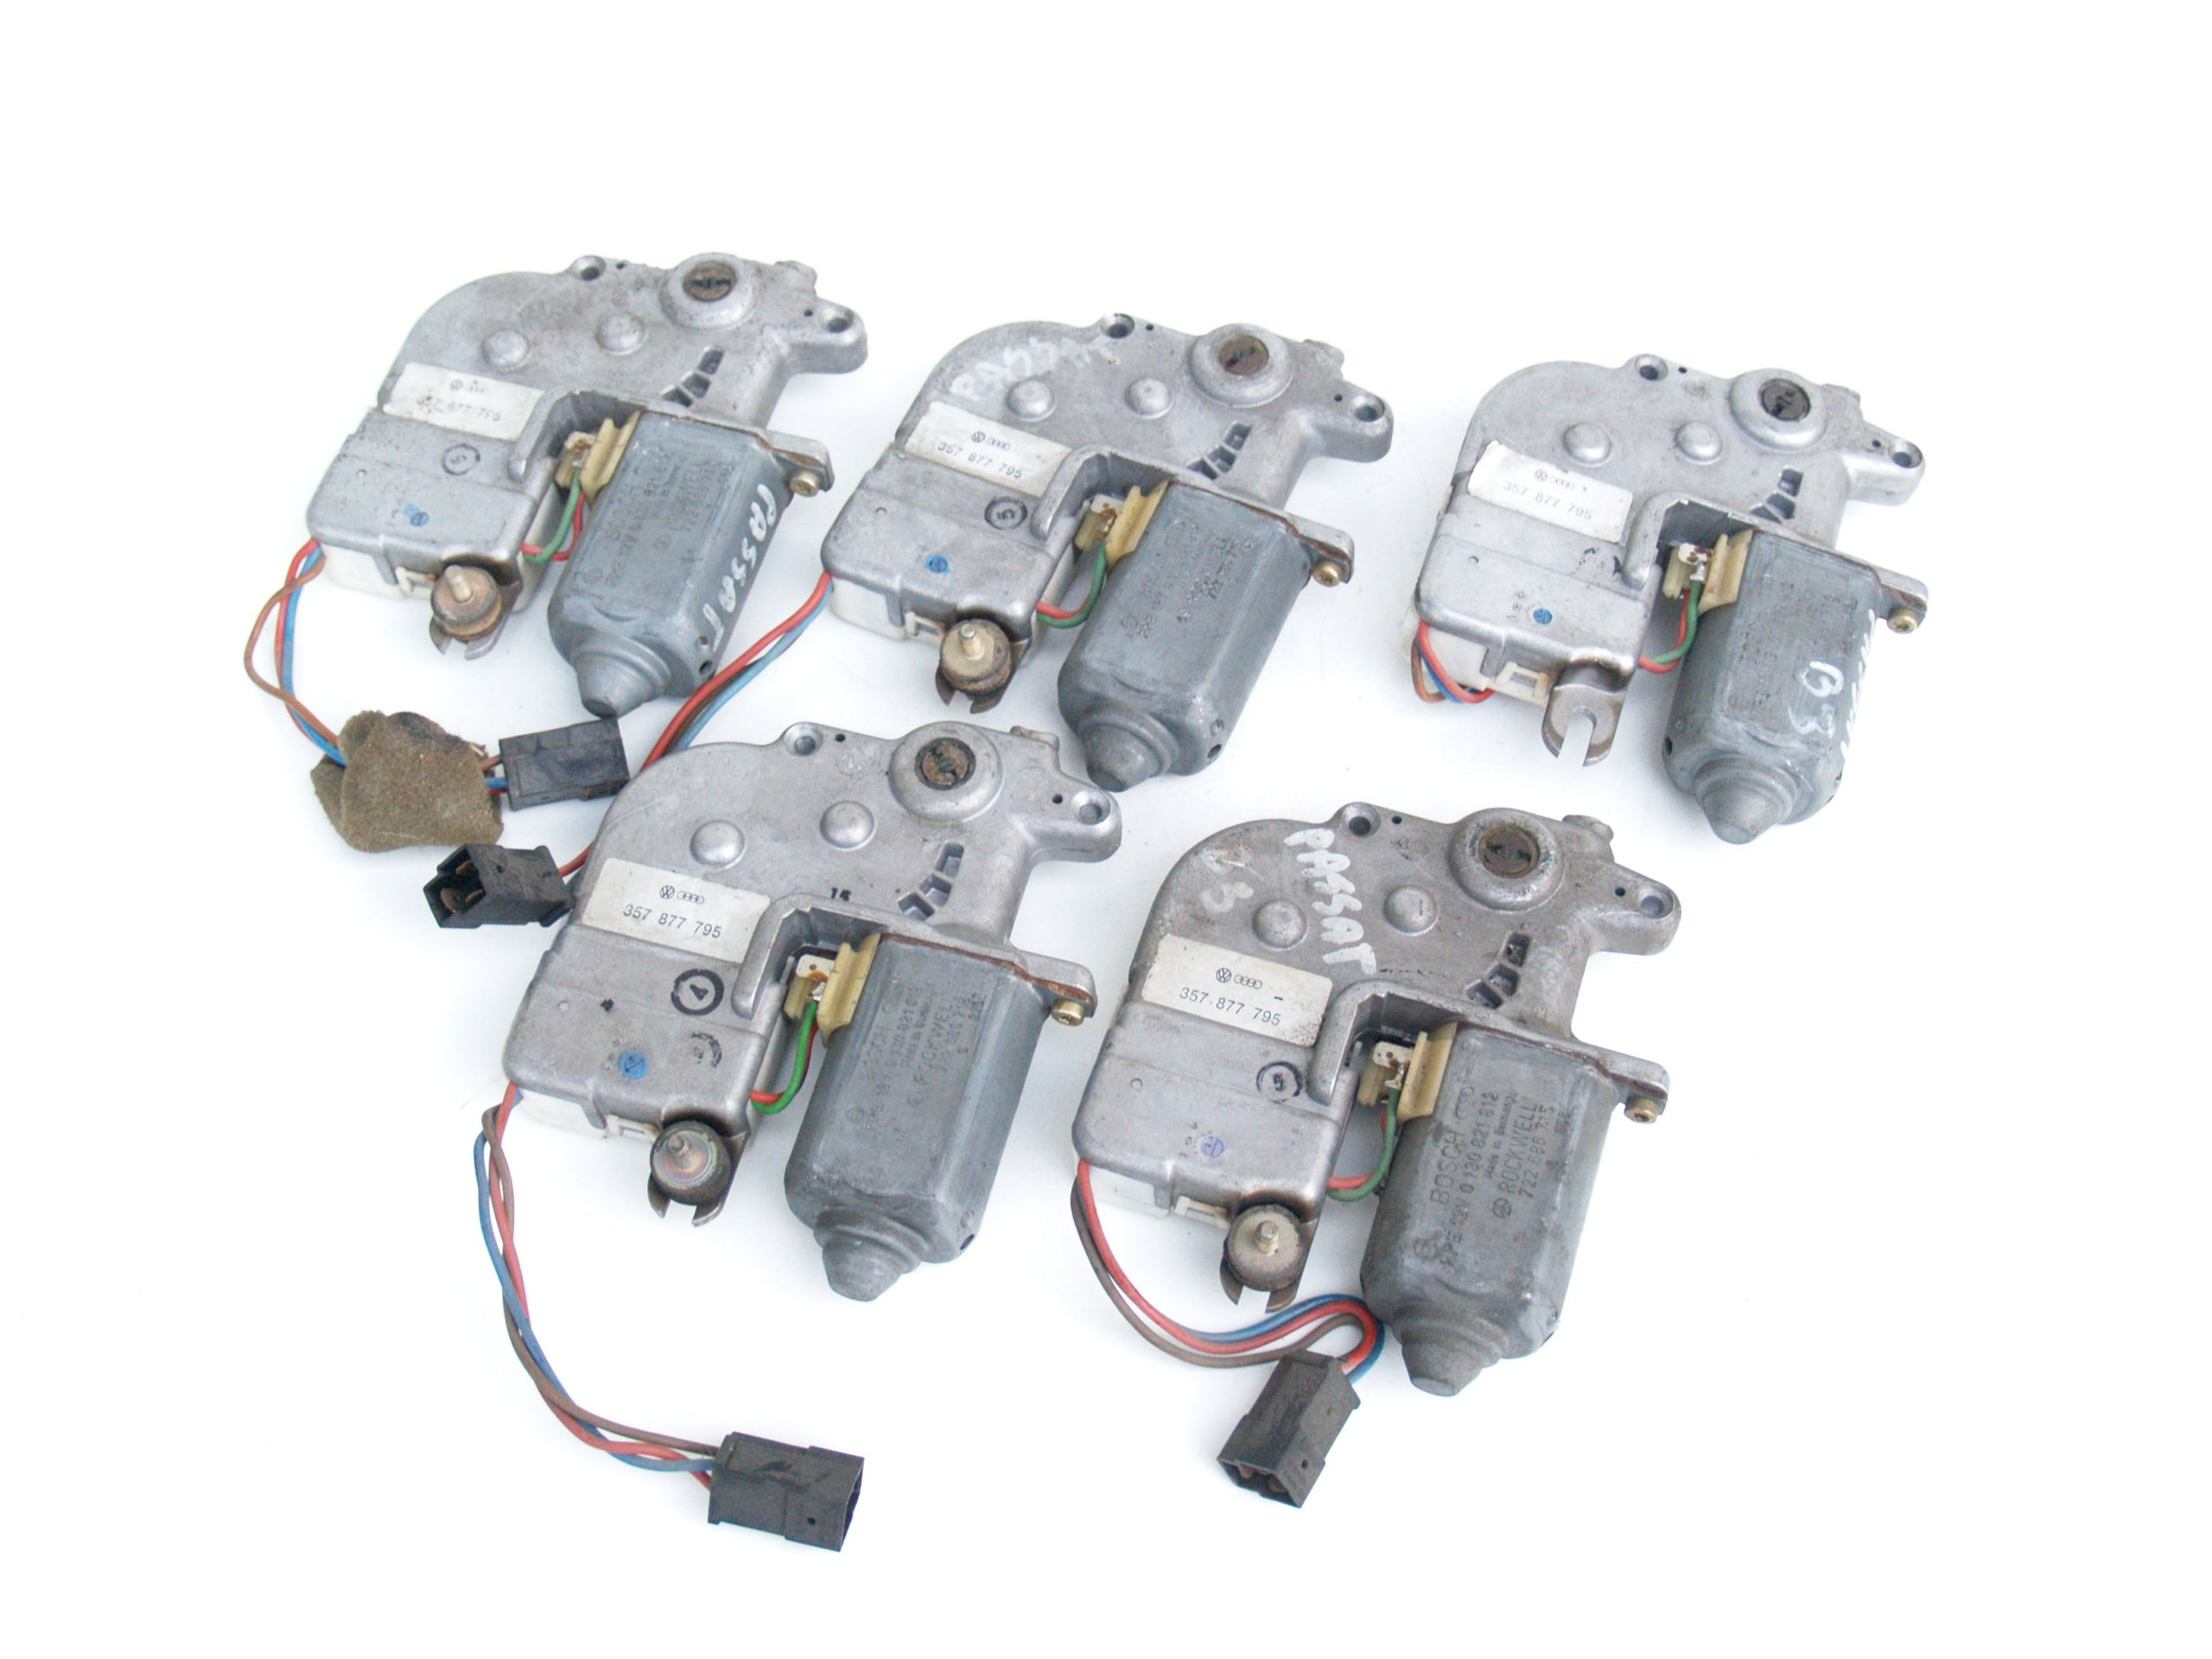 двигатель люка vw passat b3 357877795 88-93